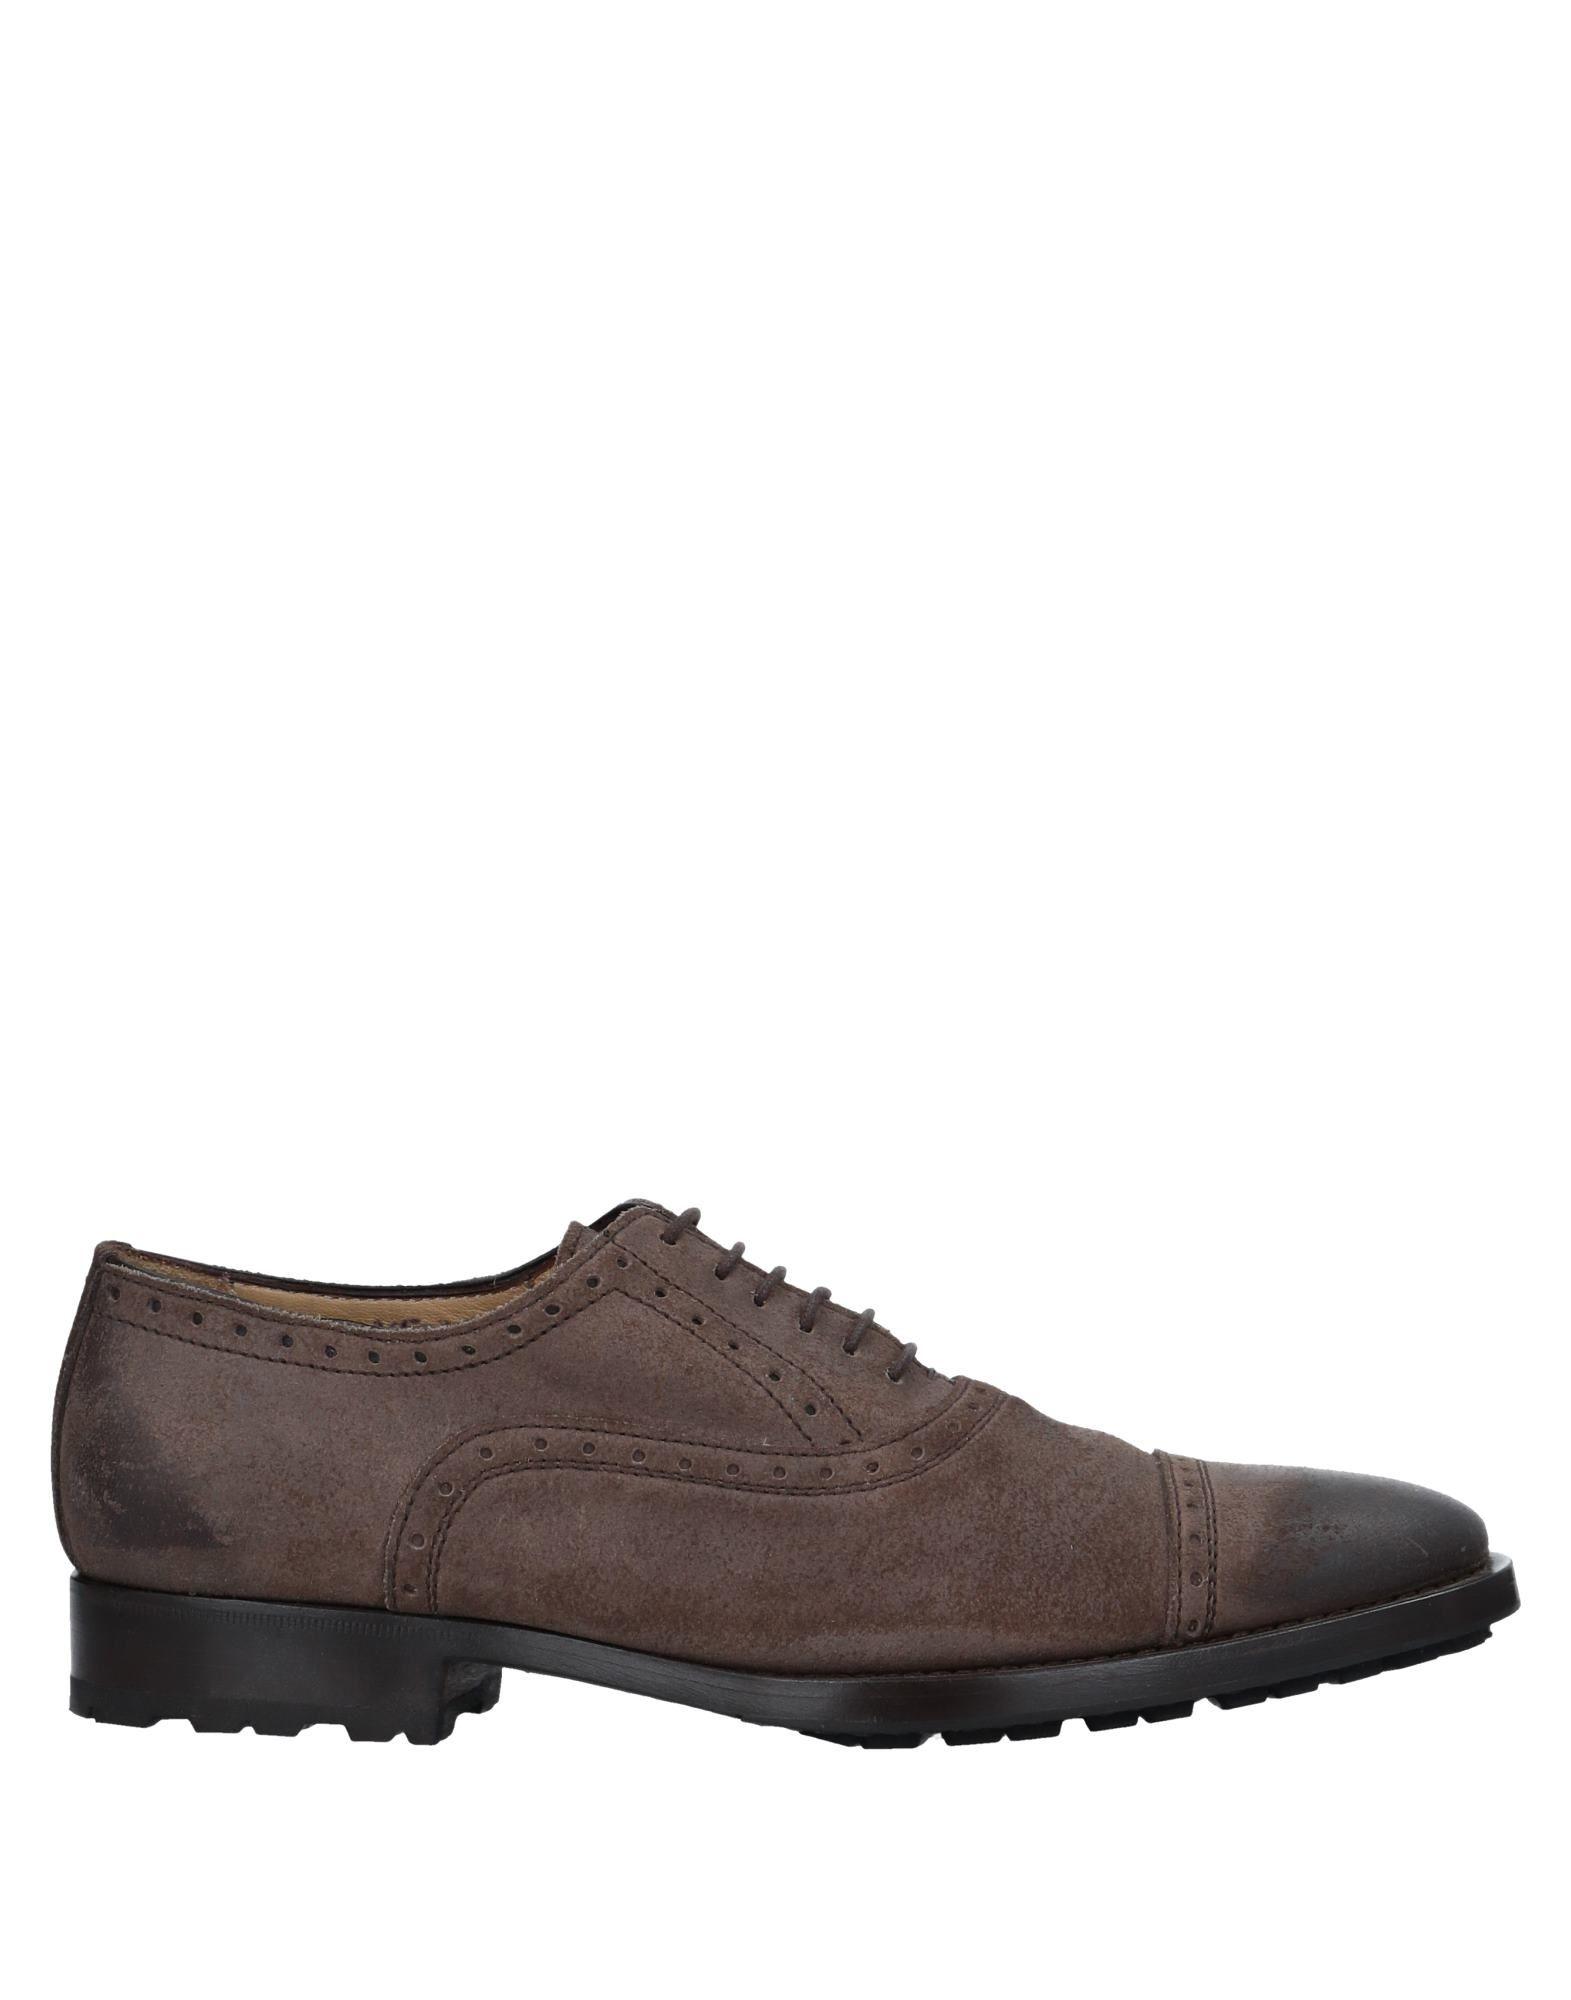 Stilvolle Lo.Weiß billige Schuhe Lo.Weiß Stilvolle Schnürschuhe Damen 11524982AU 4c3665